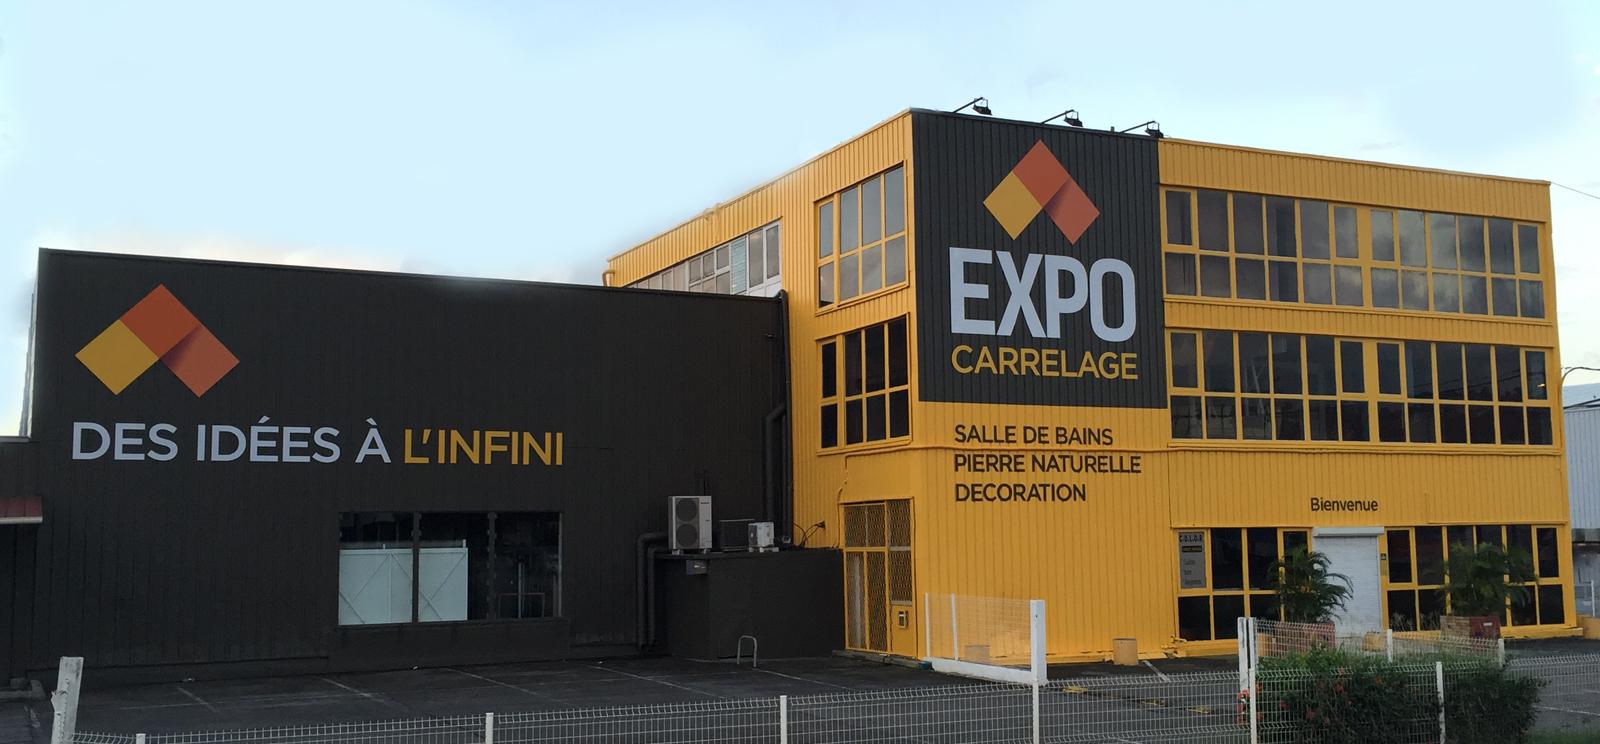 Expo Carrelage